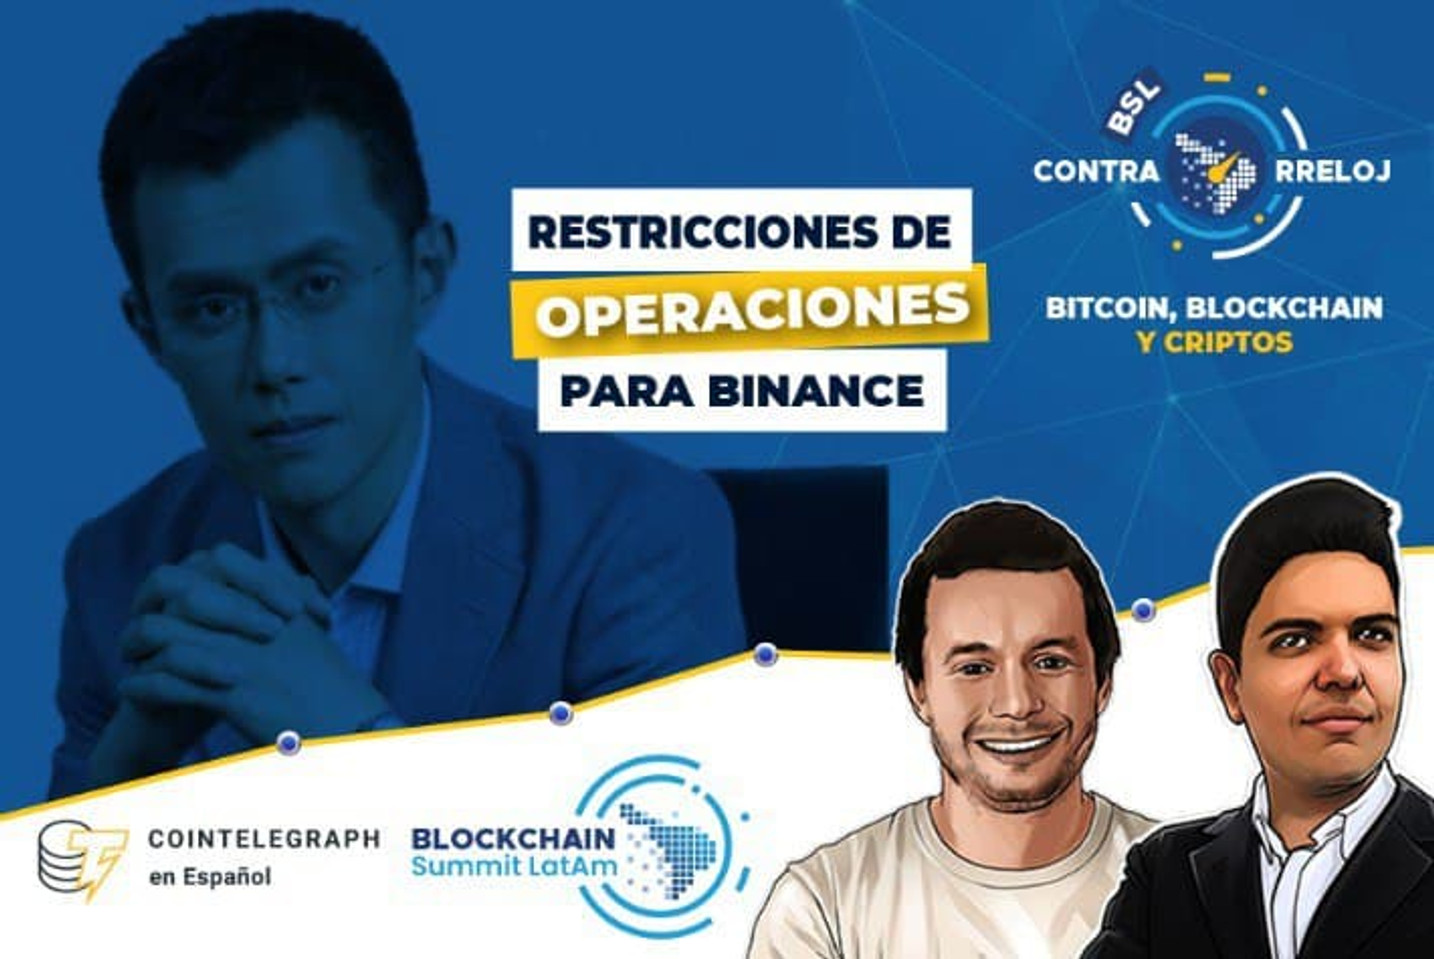 George Soros entrando a las criptomonedas, restricciones a Binance, Ricardo Salinas pro Bitcoin y mucho más. Un resumen de las criptonoticias más importantes de la semana